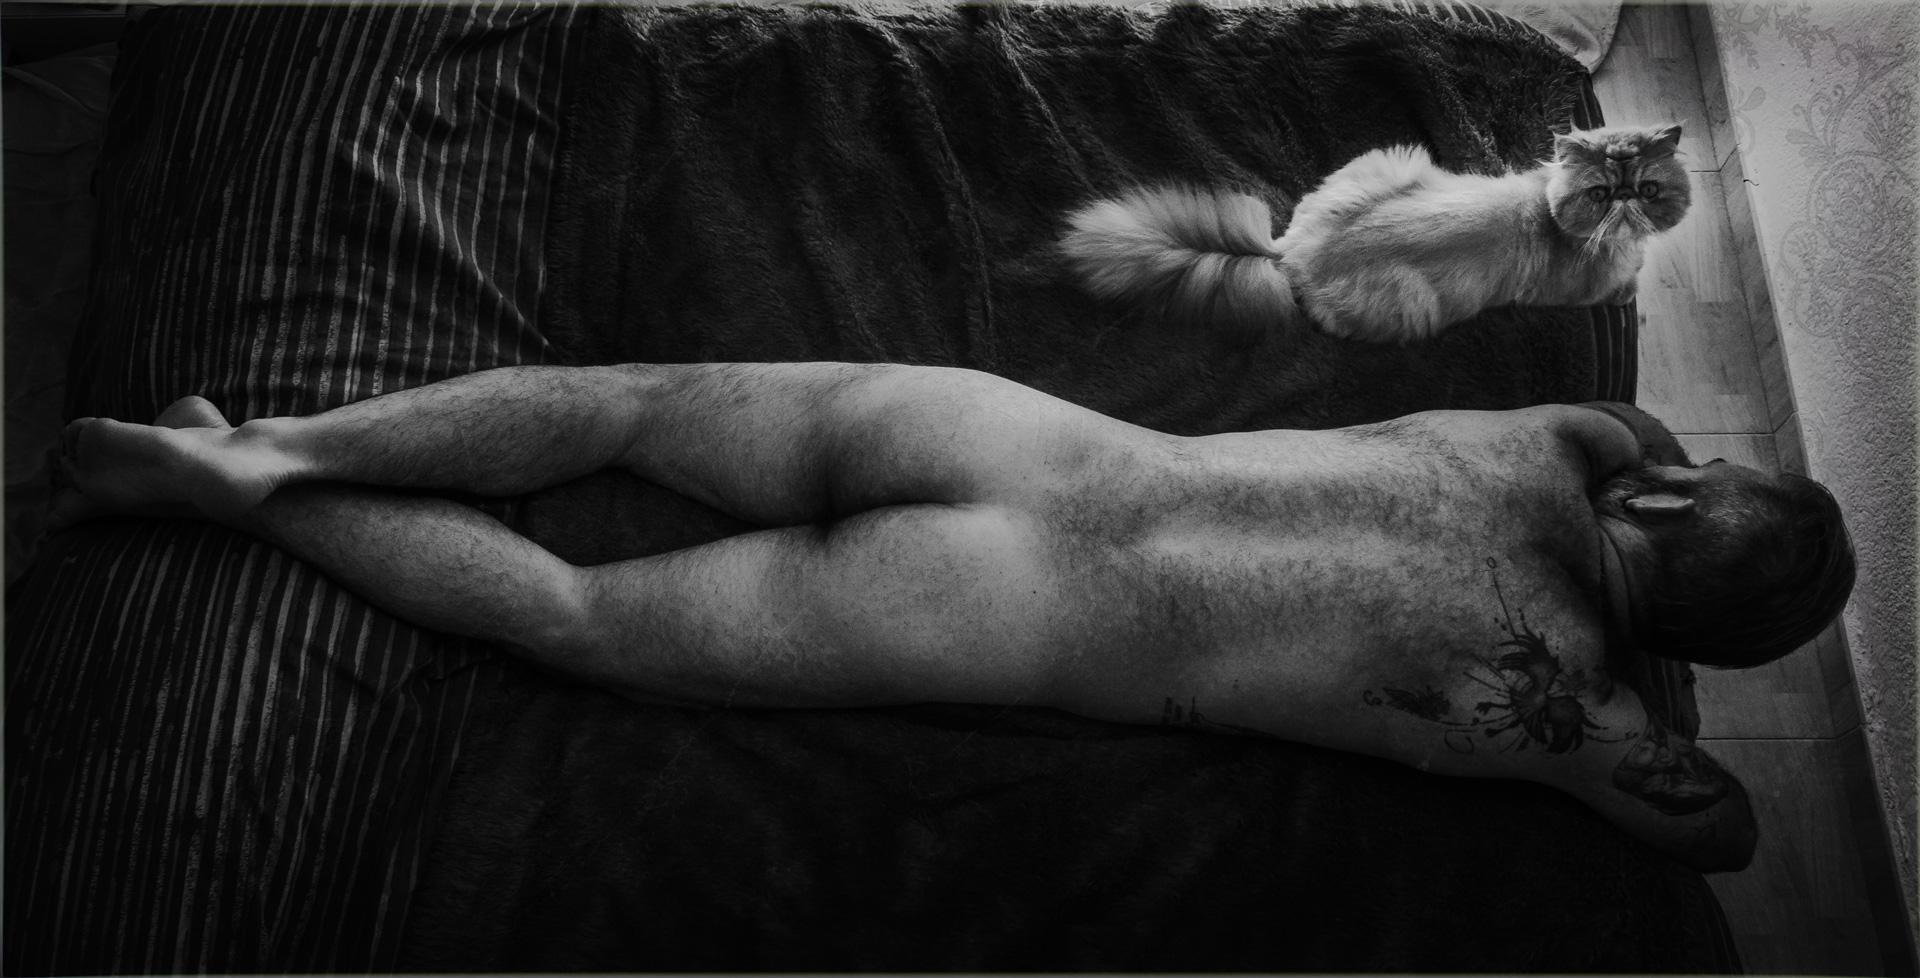 hombre tumbado en la cama desnudo junto a gato persa